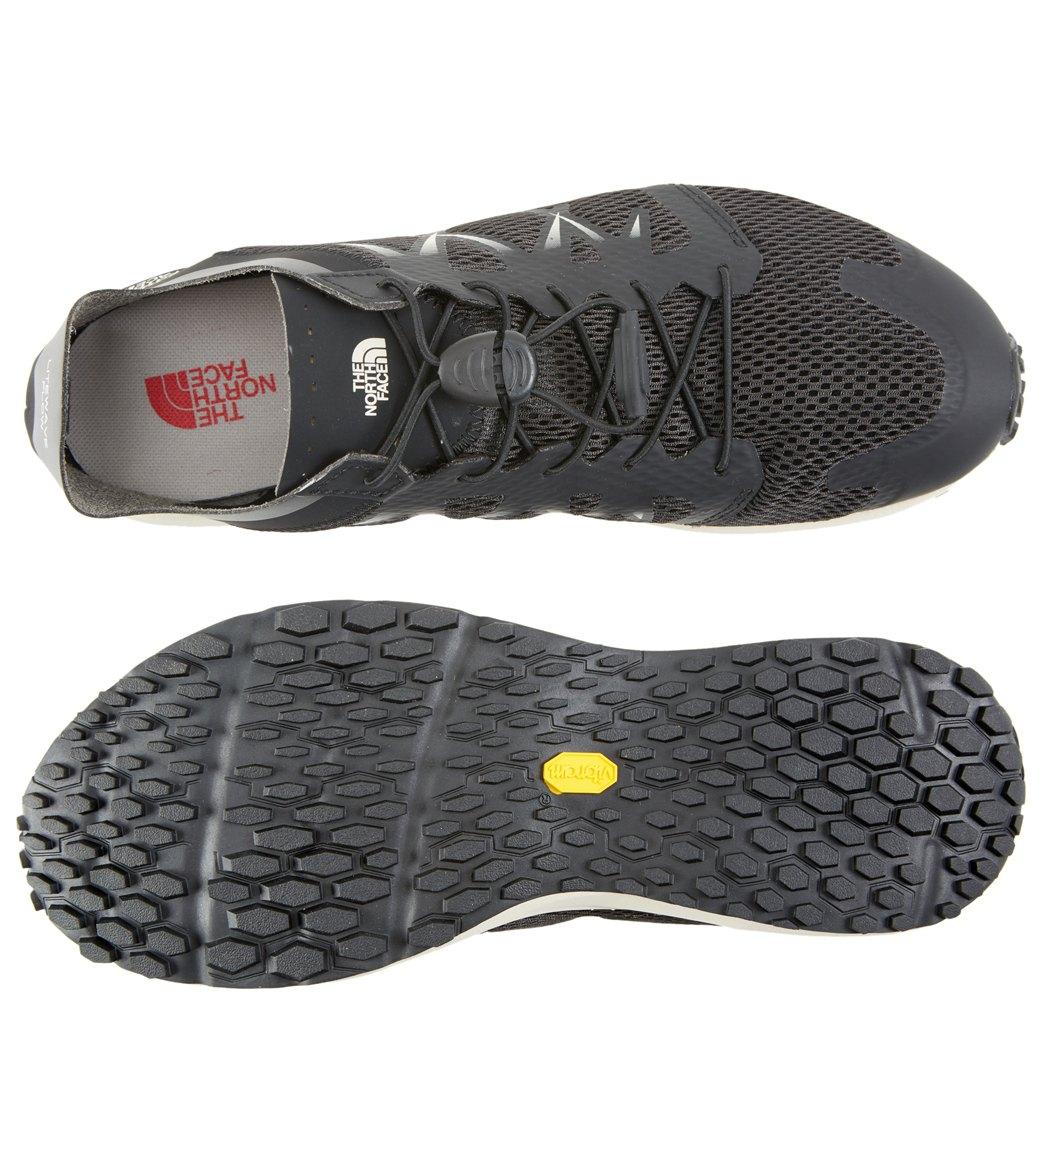 ad593c51b79 The North Face Men's Litewave Flow Lace Water Shoe at SwimOutlet.com ...